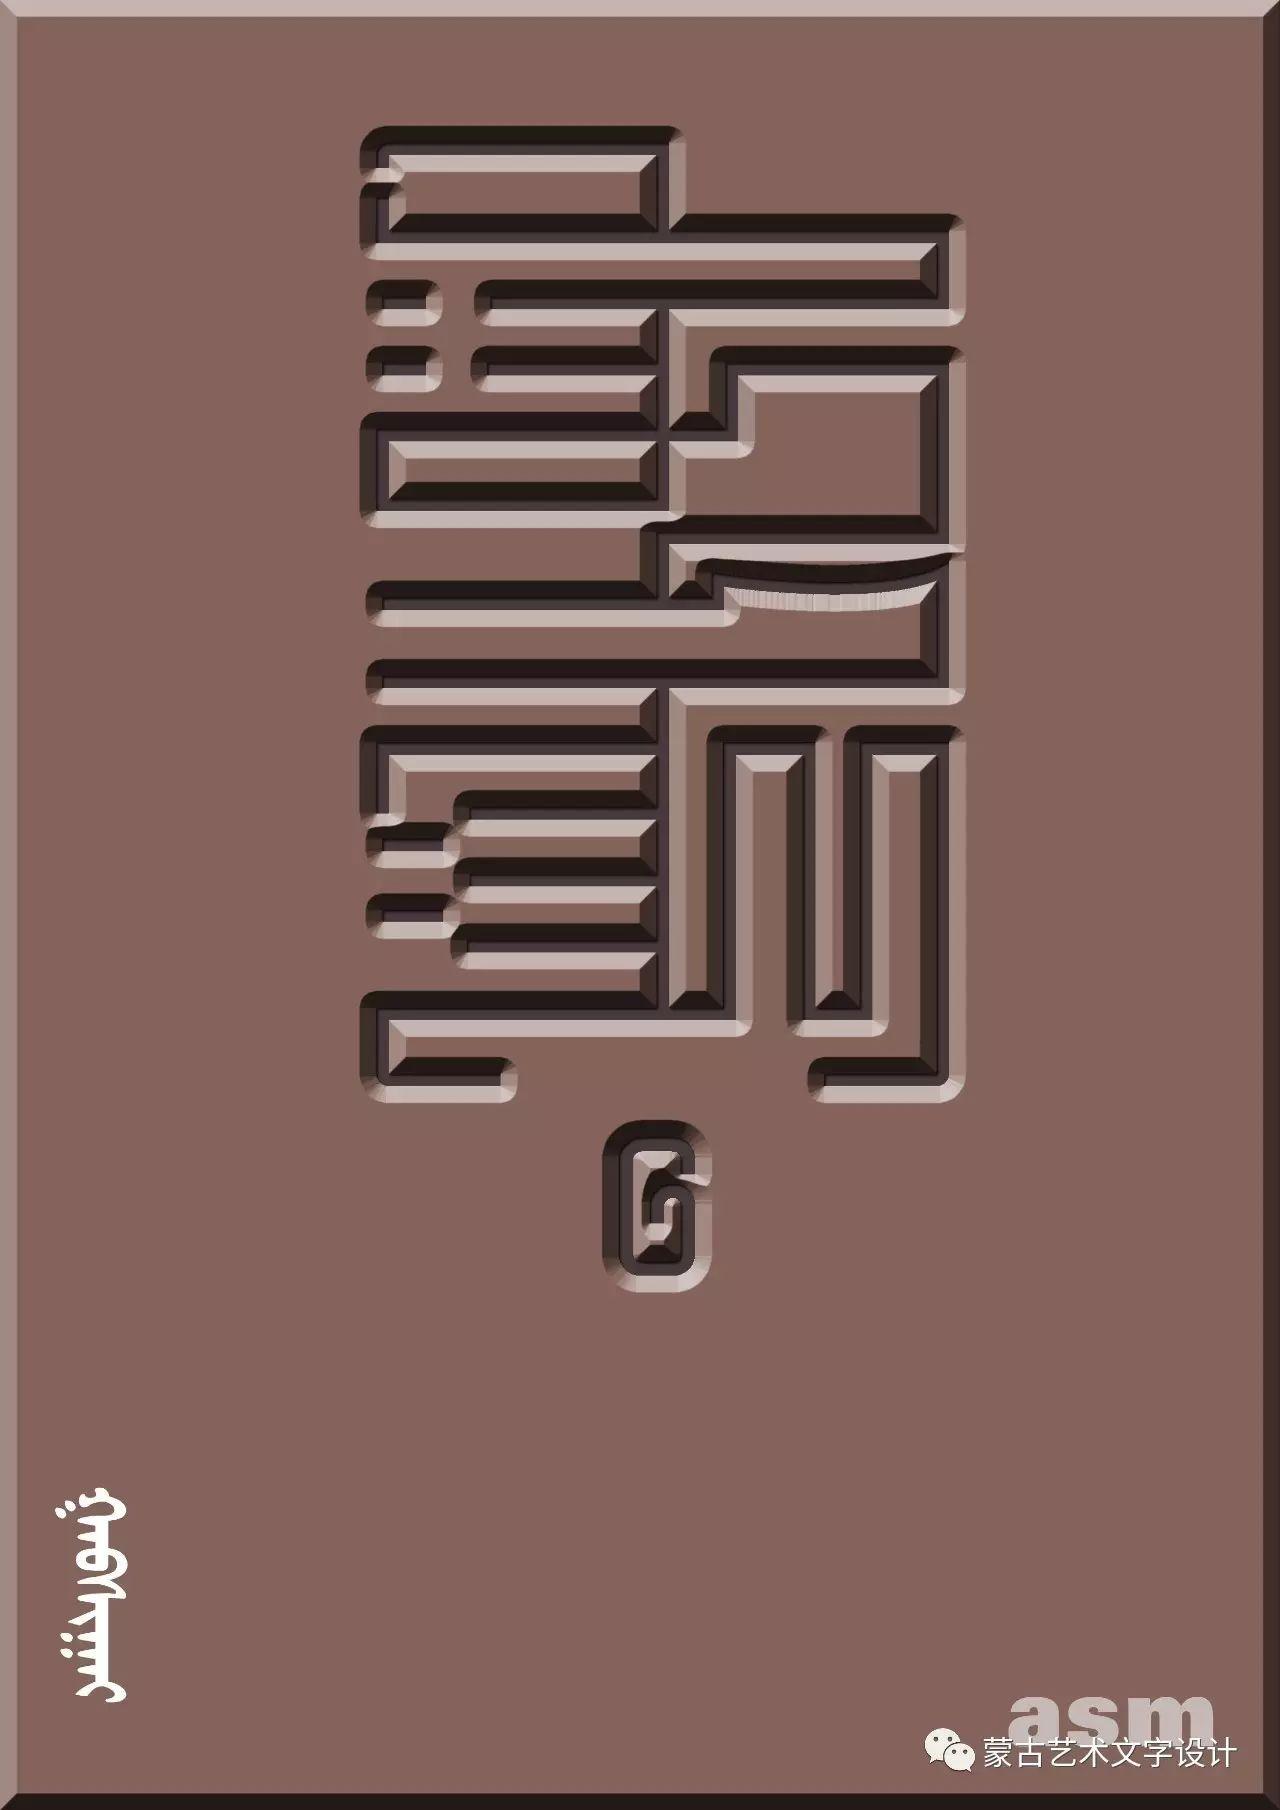 蒙古艺术文字设计 第39张